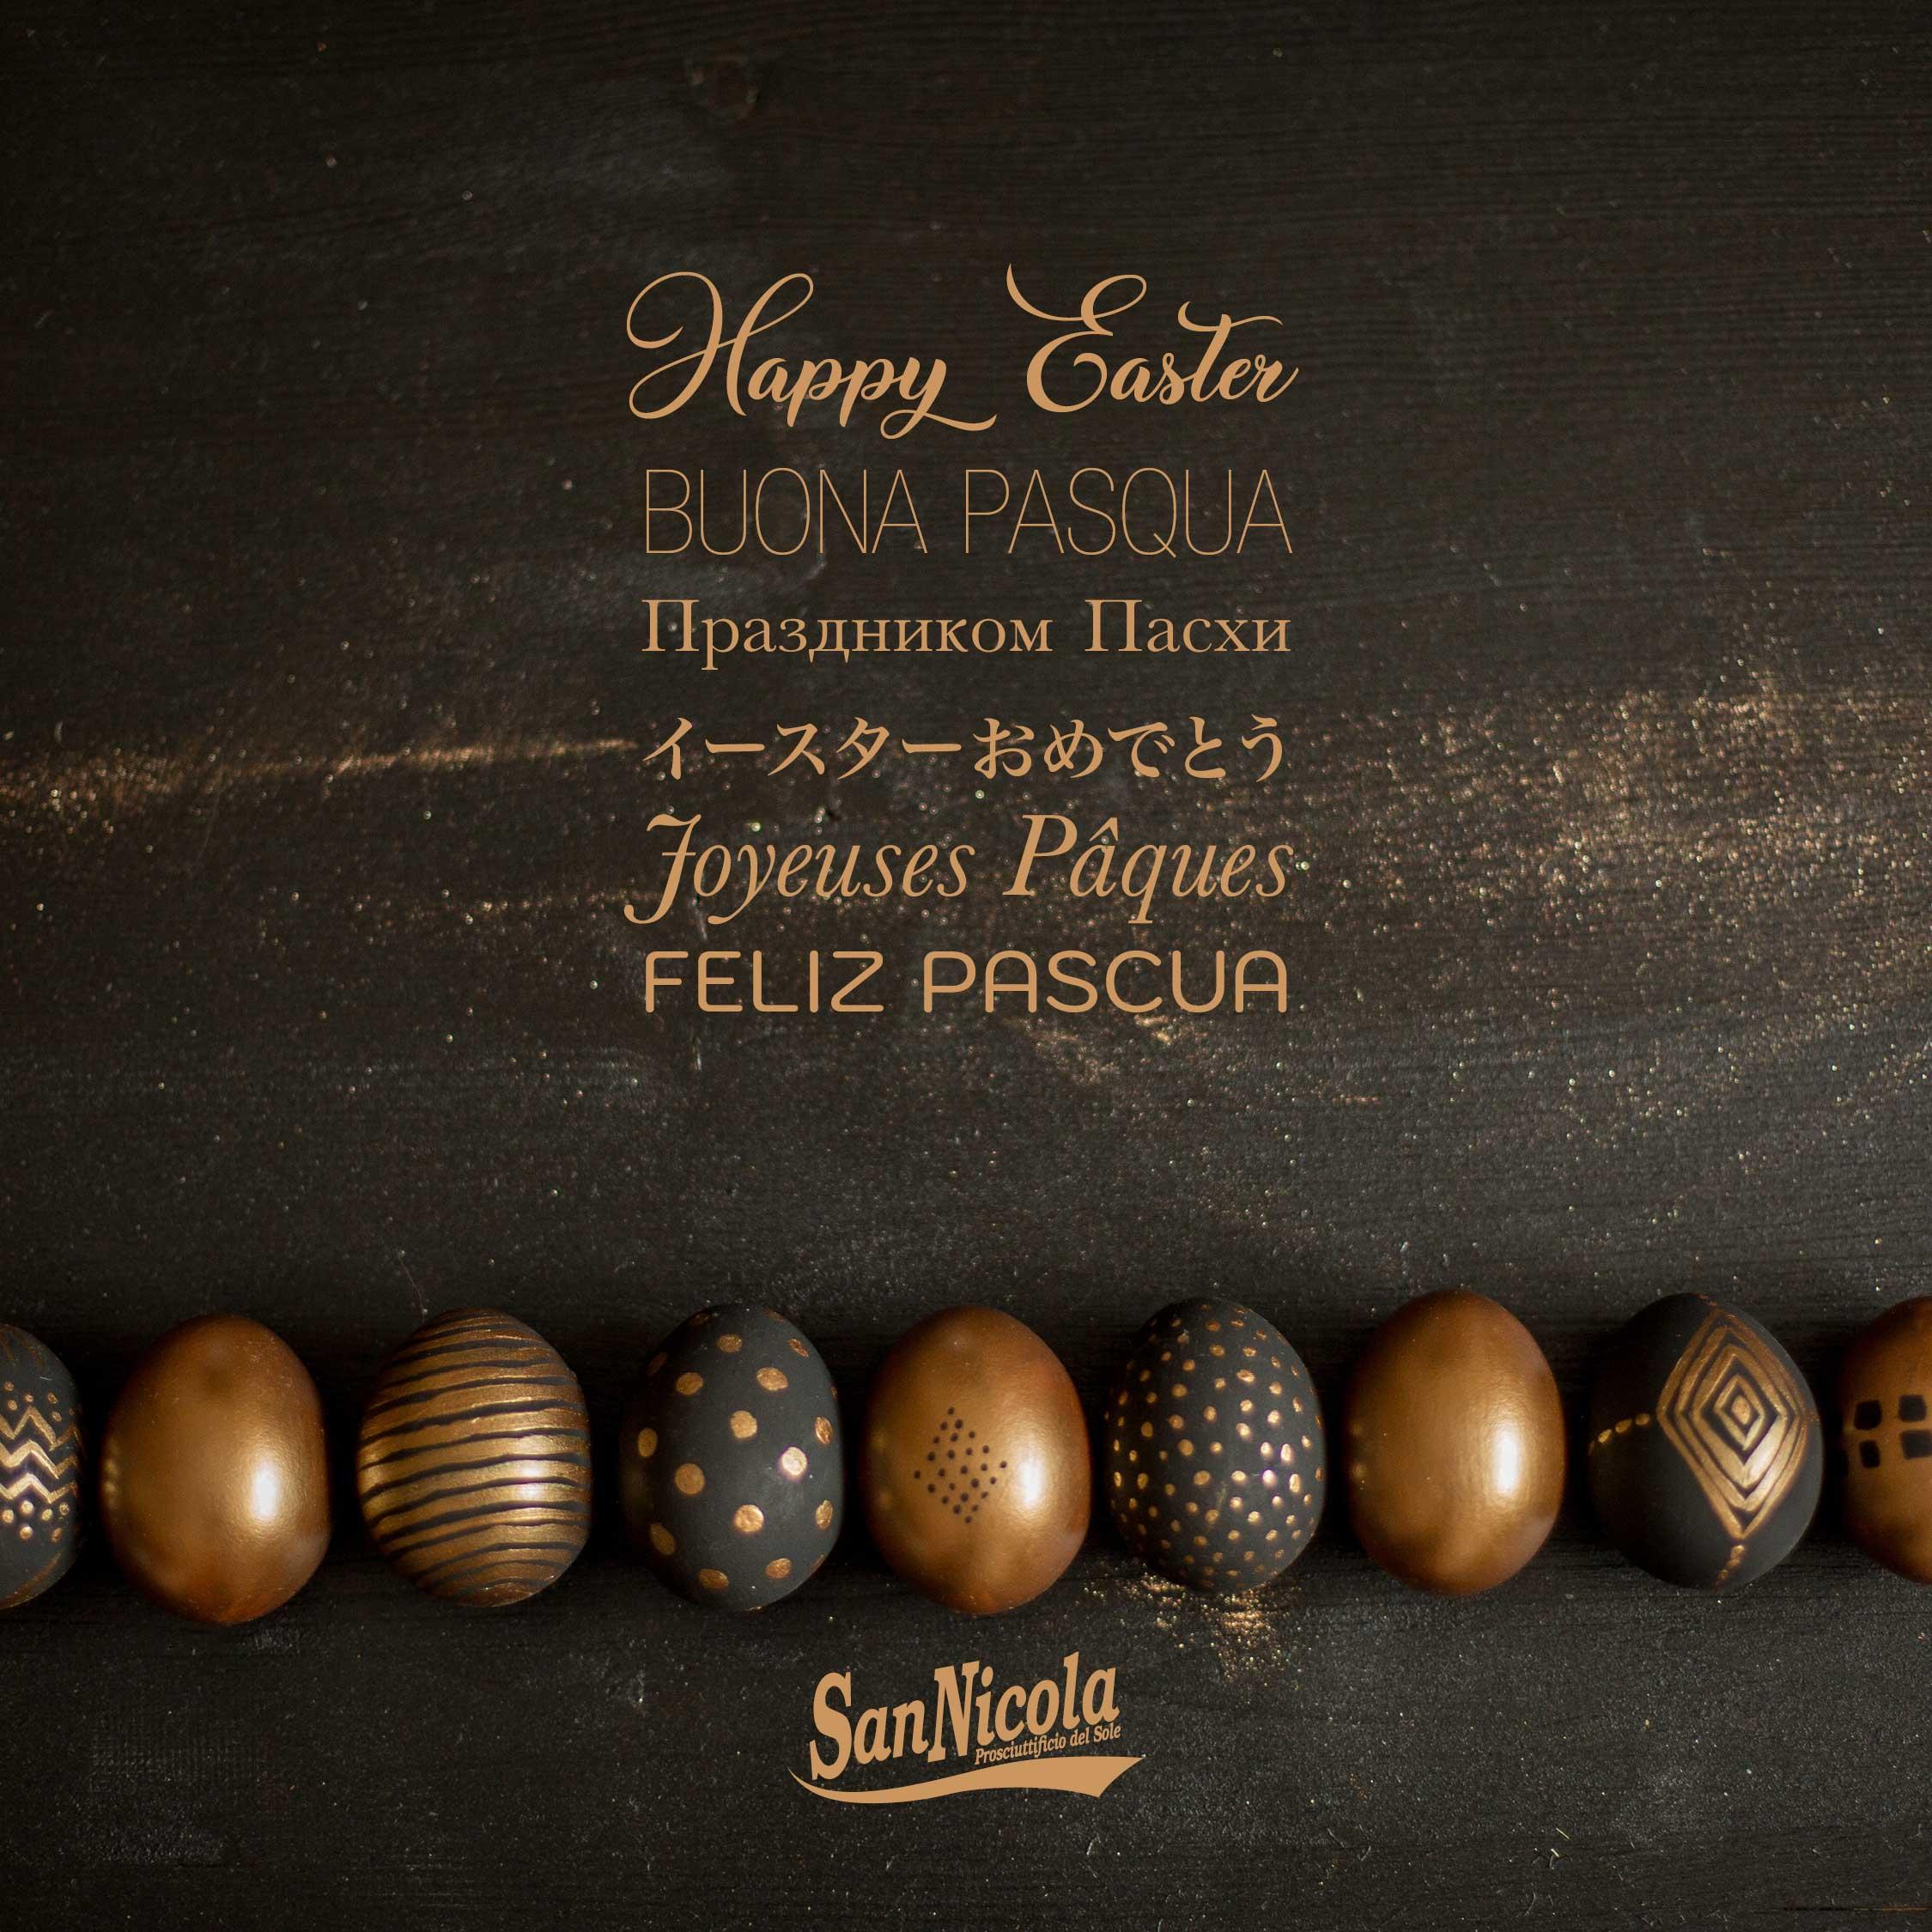 Buona Pasqua dal Prosciuttificio San Nicola